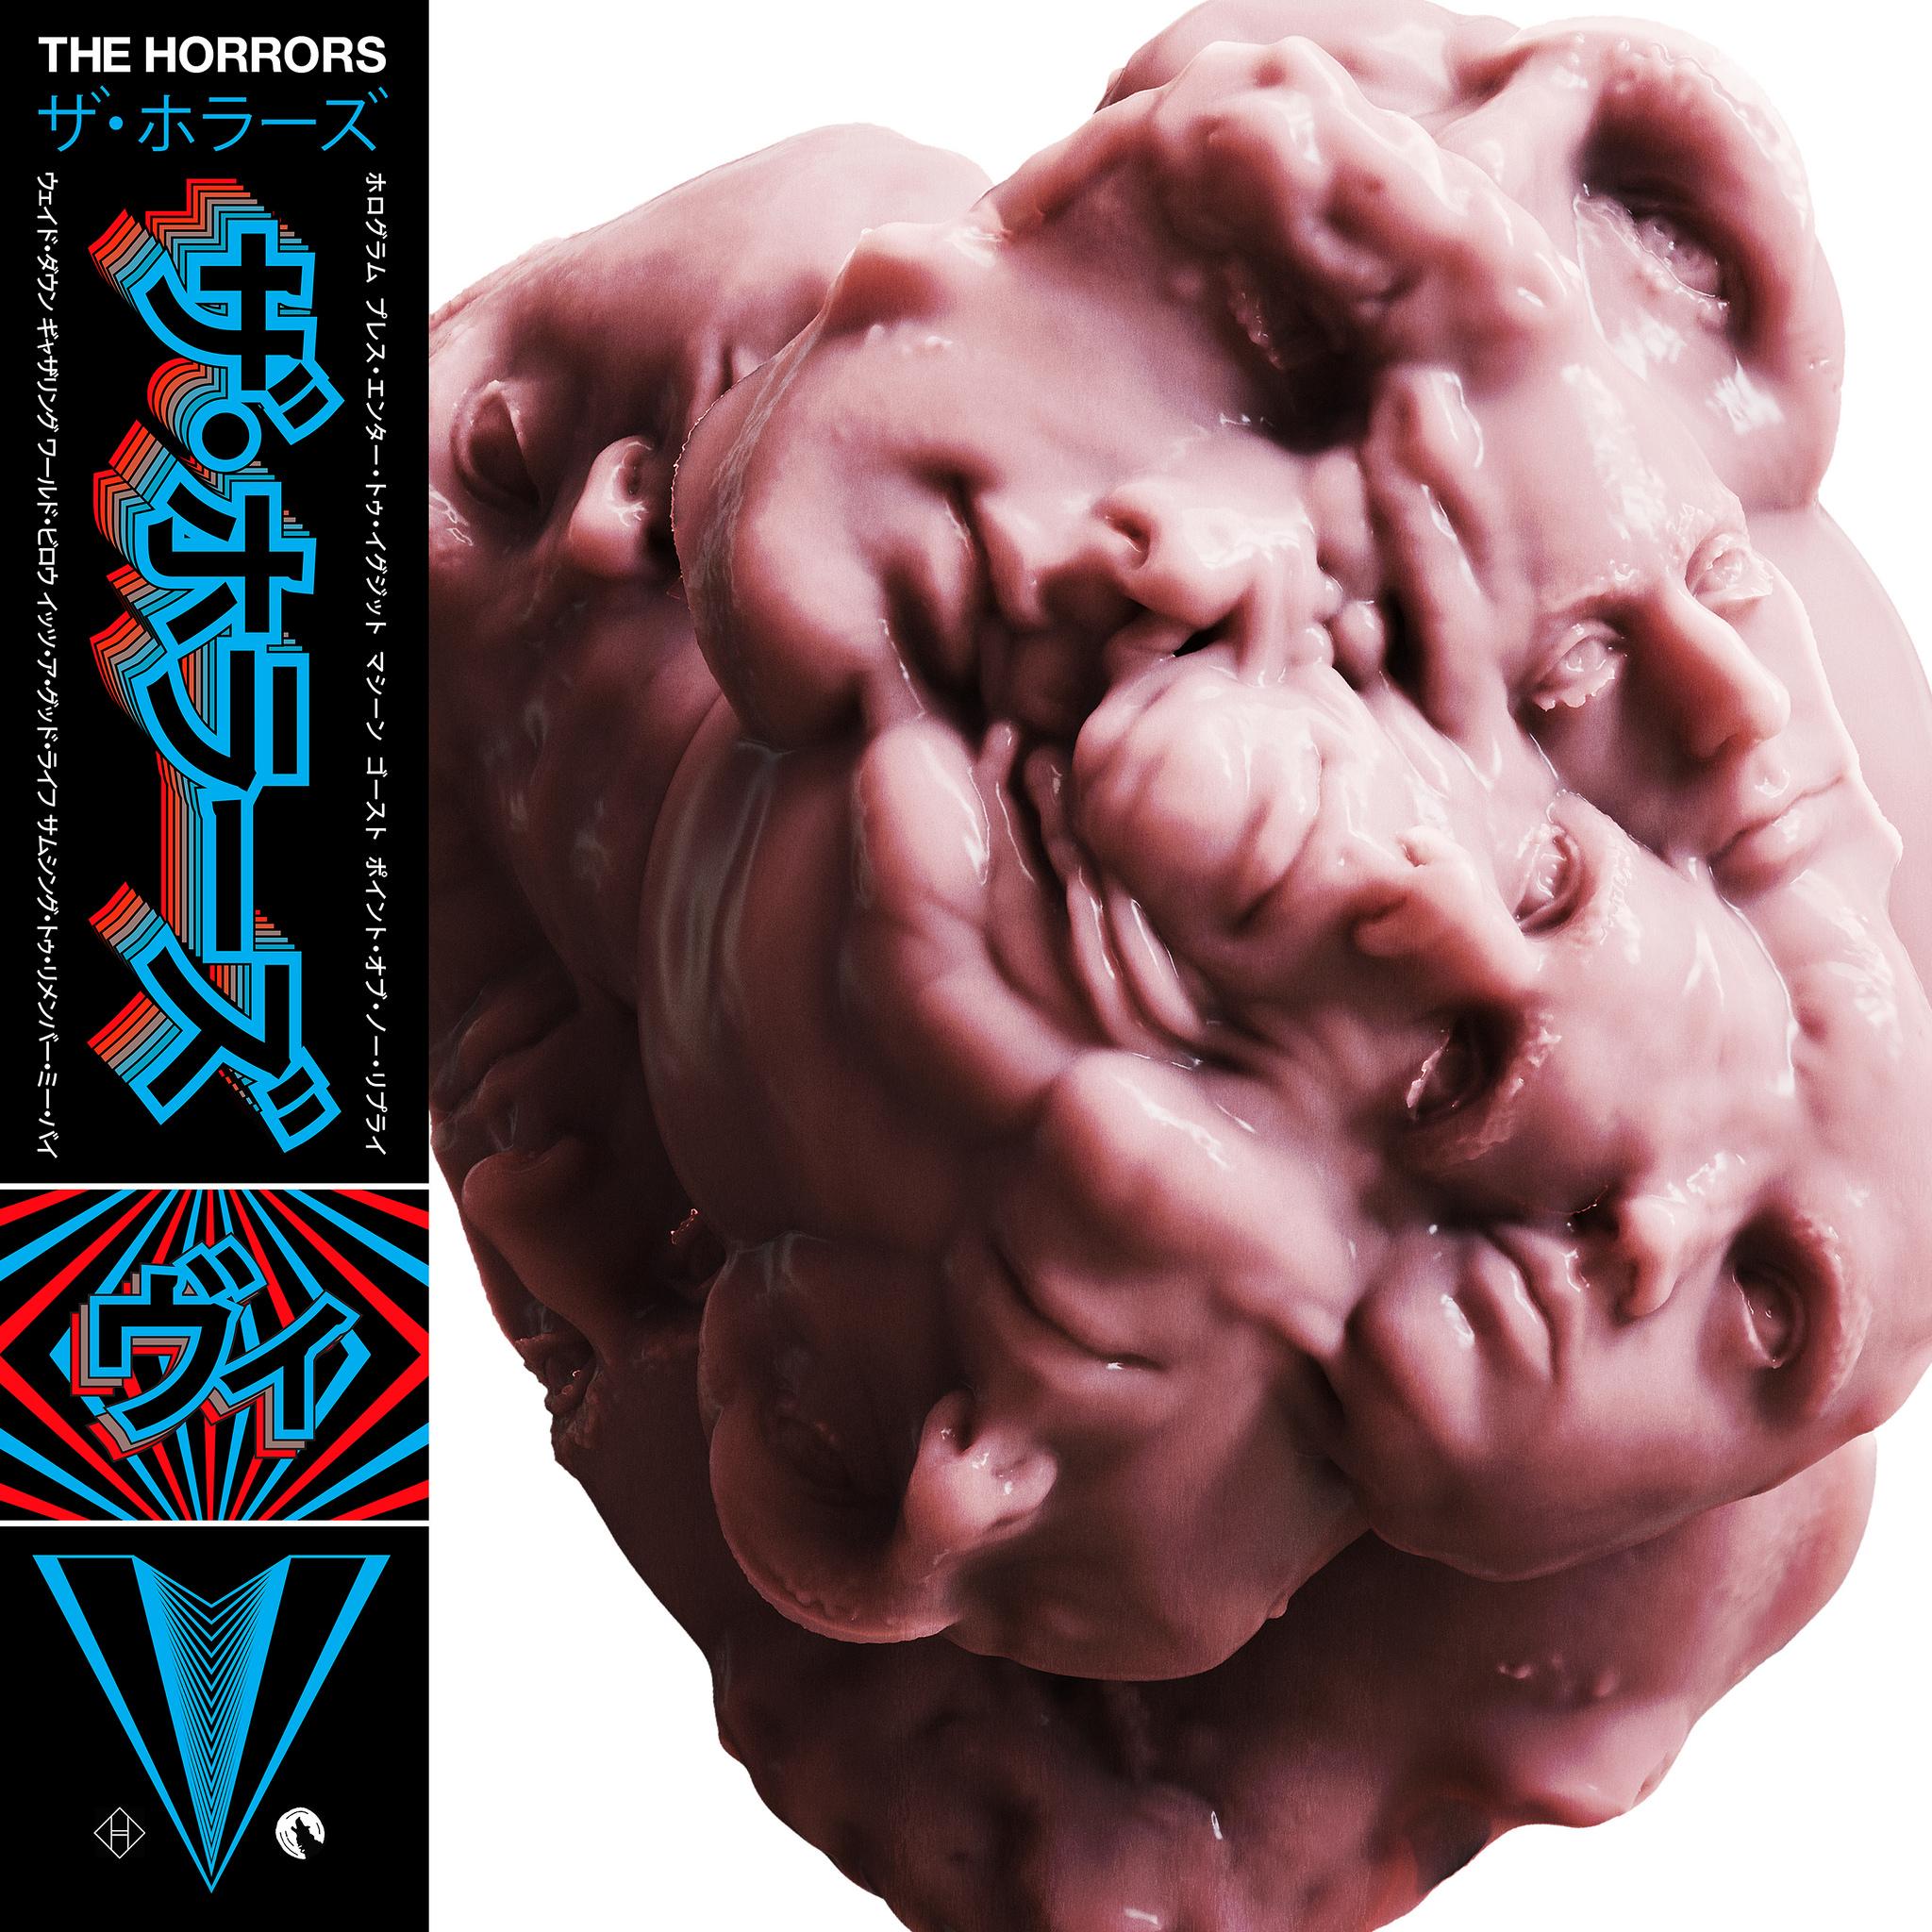 34778128663 13fe2383ba k The Horrors announce new album, V